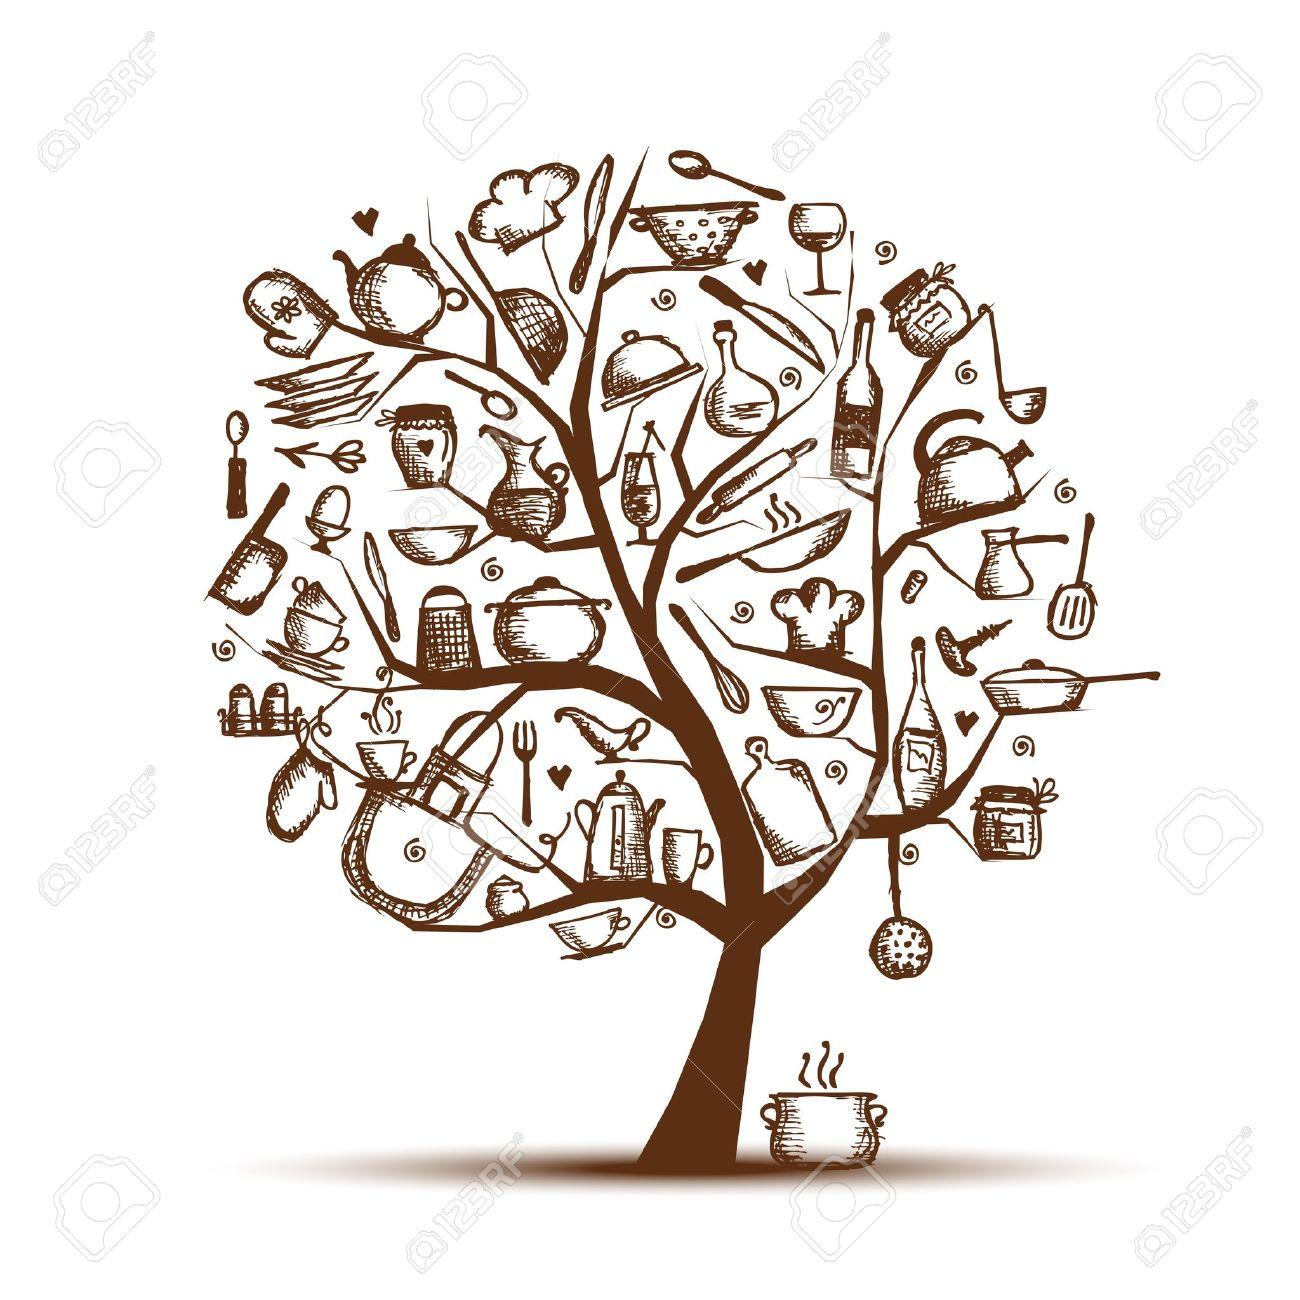 Art Baum Mit Kuchenutensilien Skizze Zeichnung Fur Ihre Konstruktion Lizenzfrei Nutzbare Vektorgrafiken Clip Arts Illustrationen Image 12015189